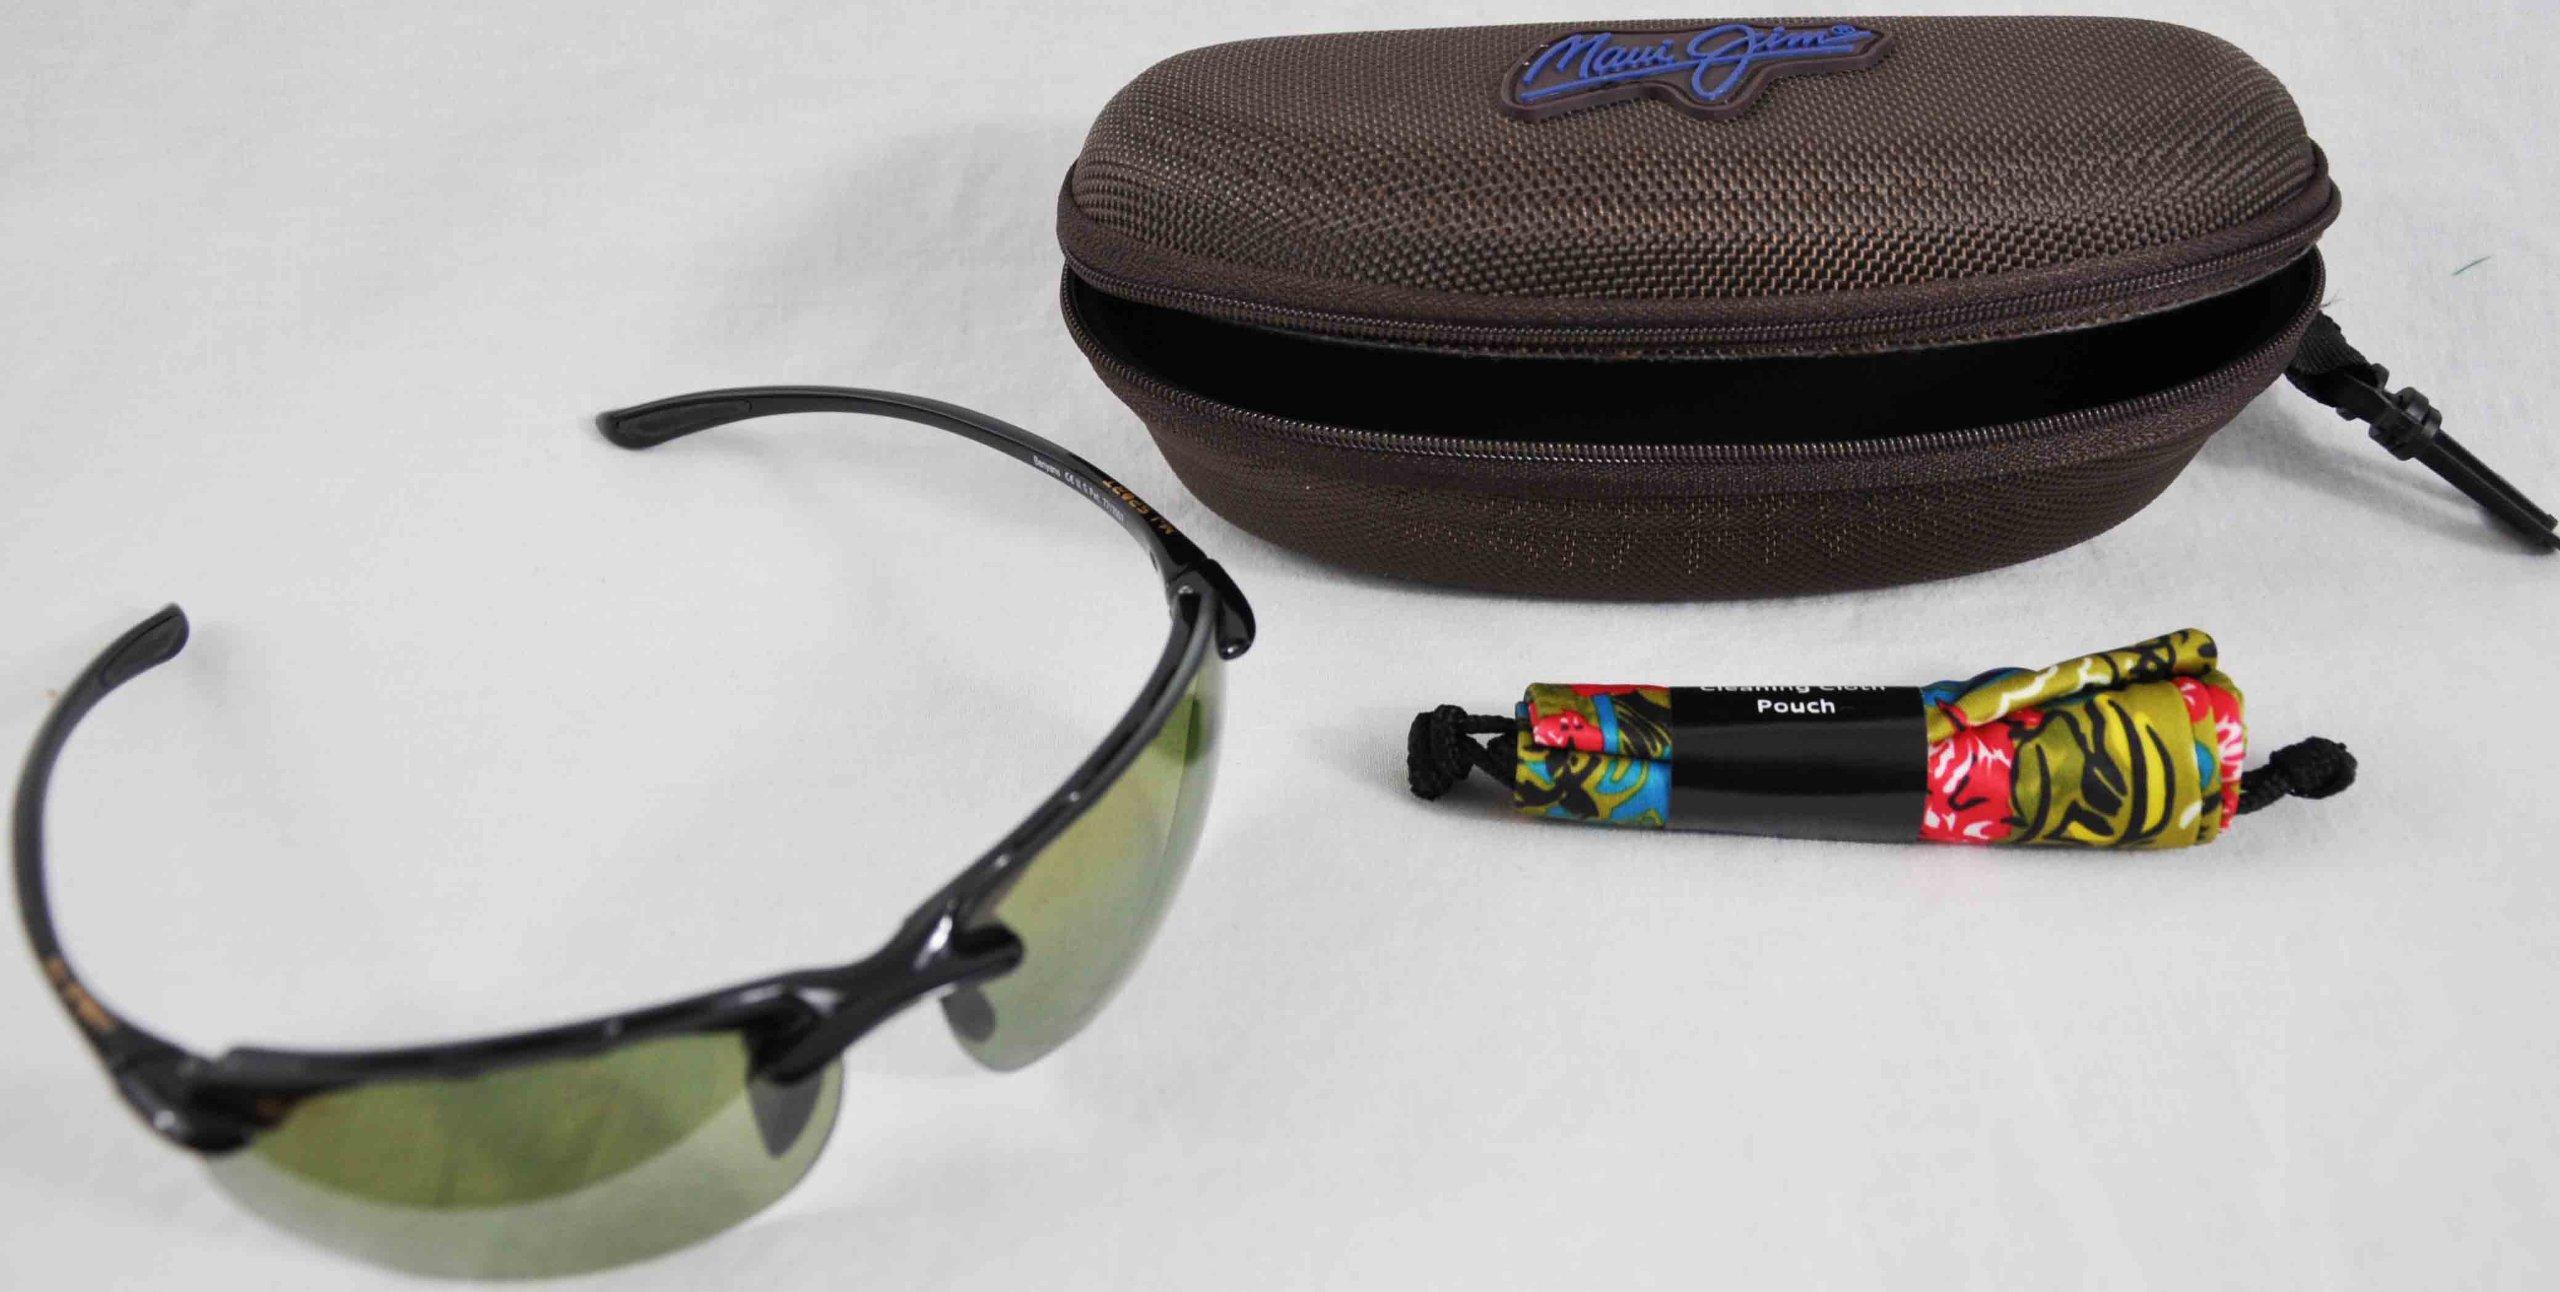 Maui Jim - Banyans Universal Fit - Gloss Black Frame-Maui HT Polarized Lenses